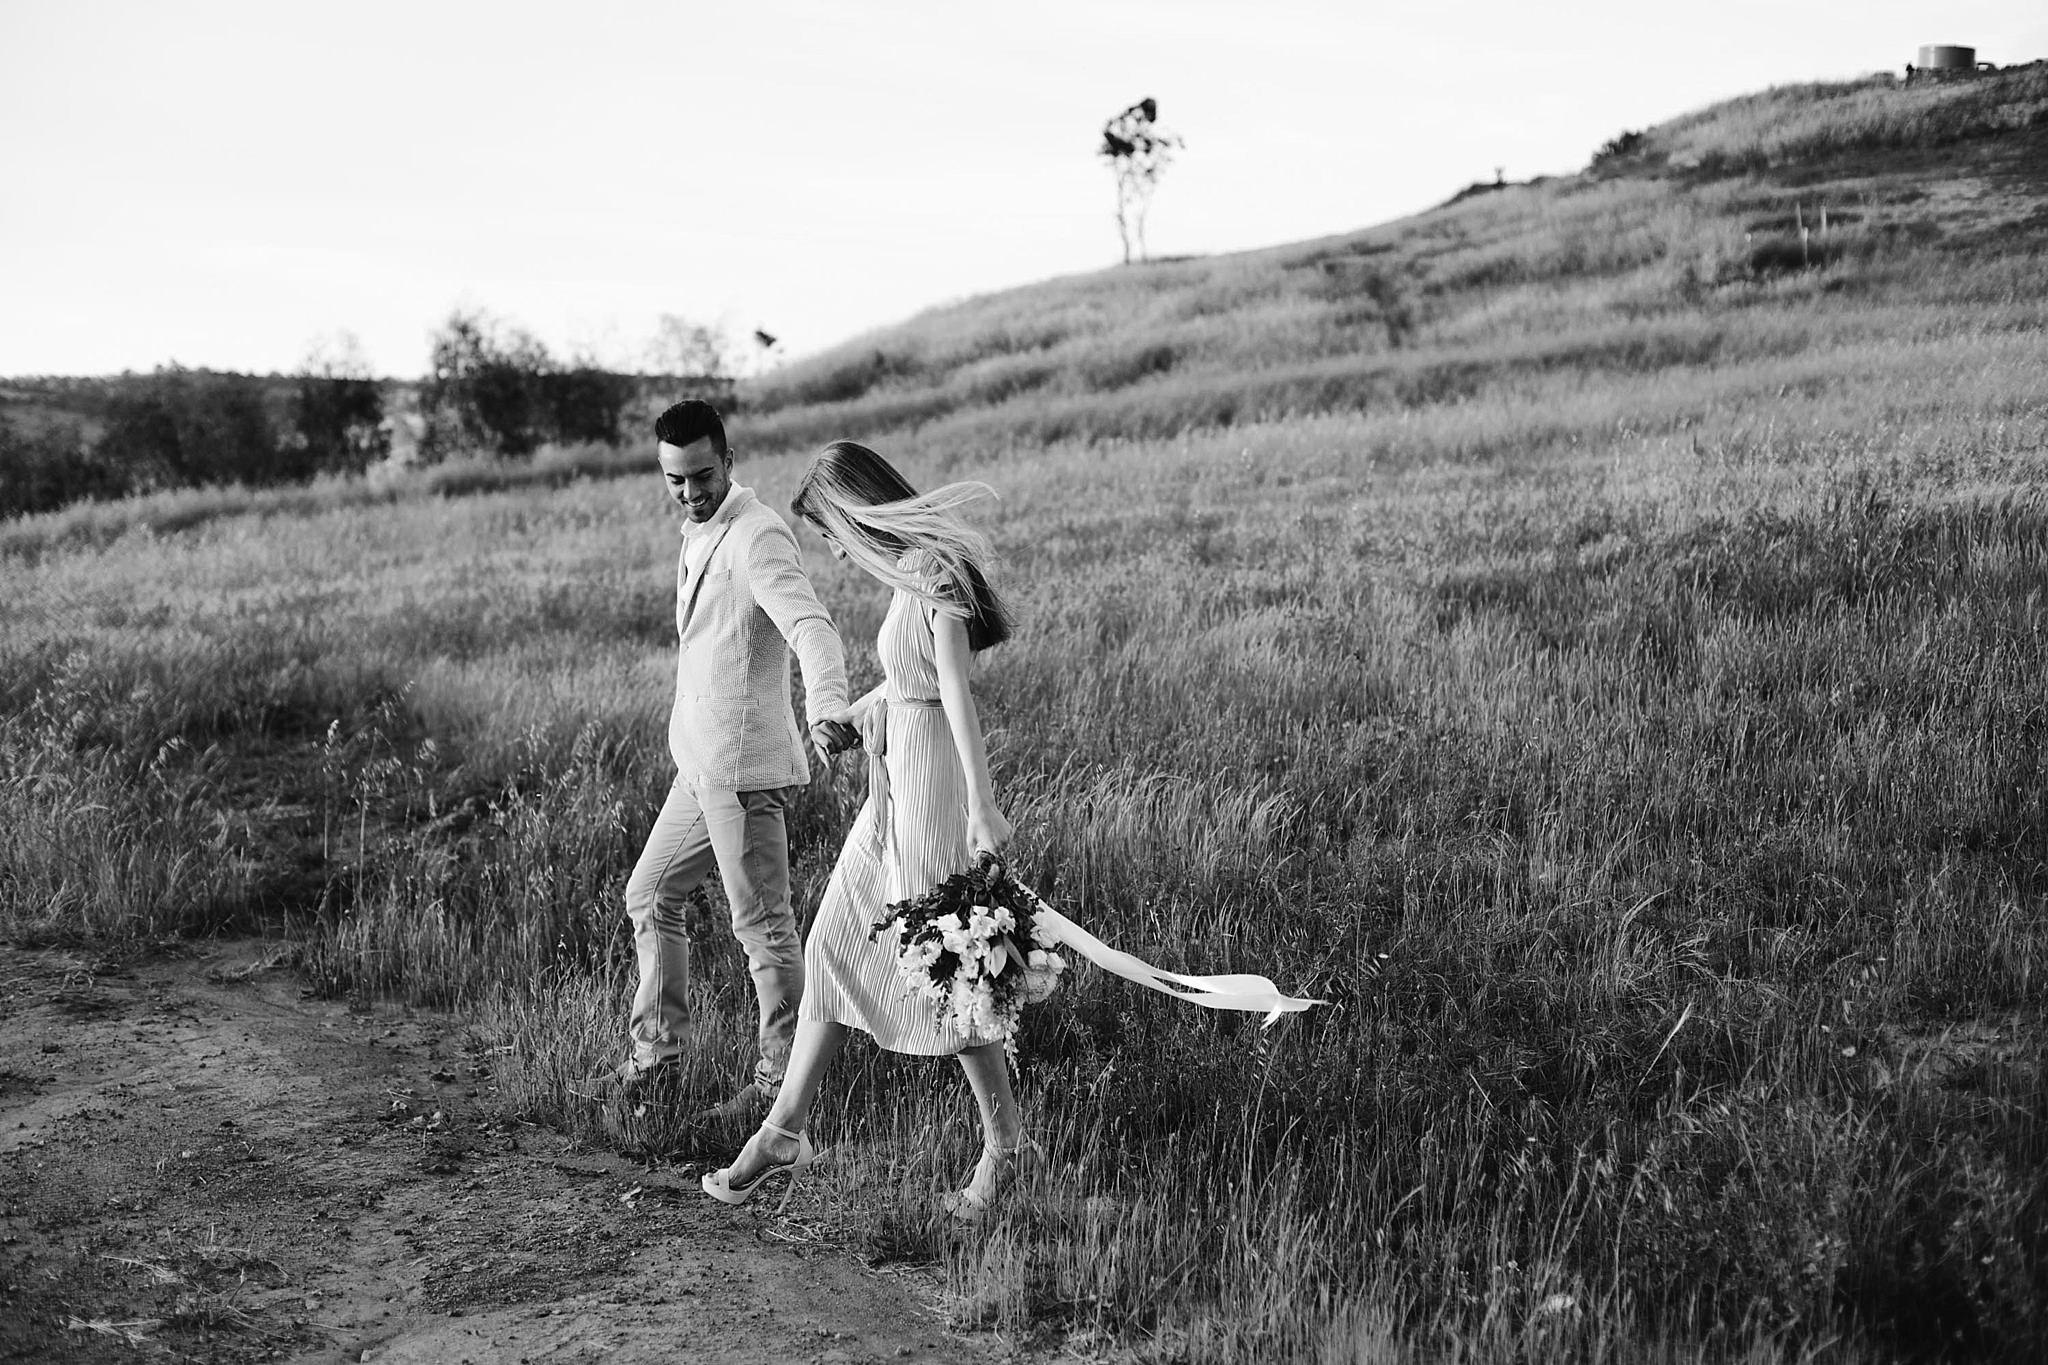 Canberra Wedding Photographer, Engagement Shoot, National Arboretum Canberra, Serbian Wedding, Shae Estella Photography, Southern Highlands Wedding, Sunshine Coast photographer, The Floral Society, Wedding Photography, Wedding photographer, portrait shoot